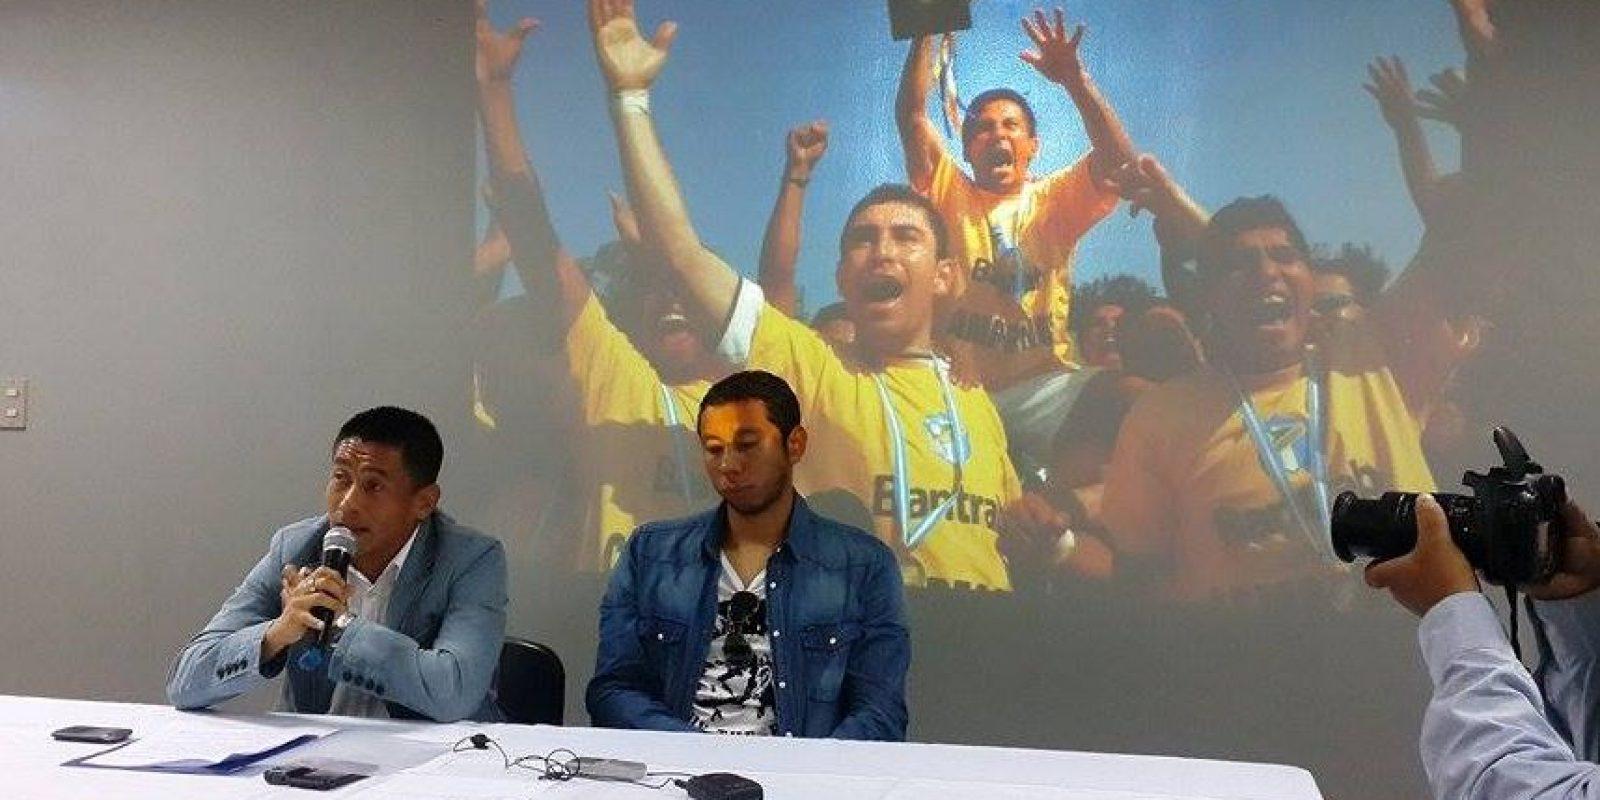 El hondureño de origen anunció hoy su retiro del futbol profesional en una conferencia de prensa. Foto:Reina Damián